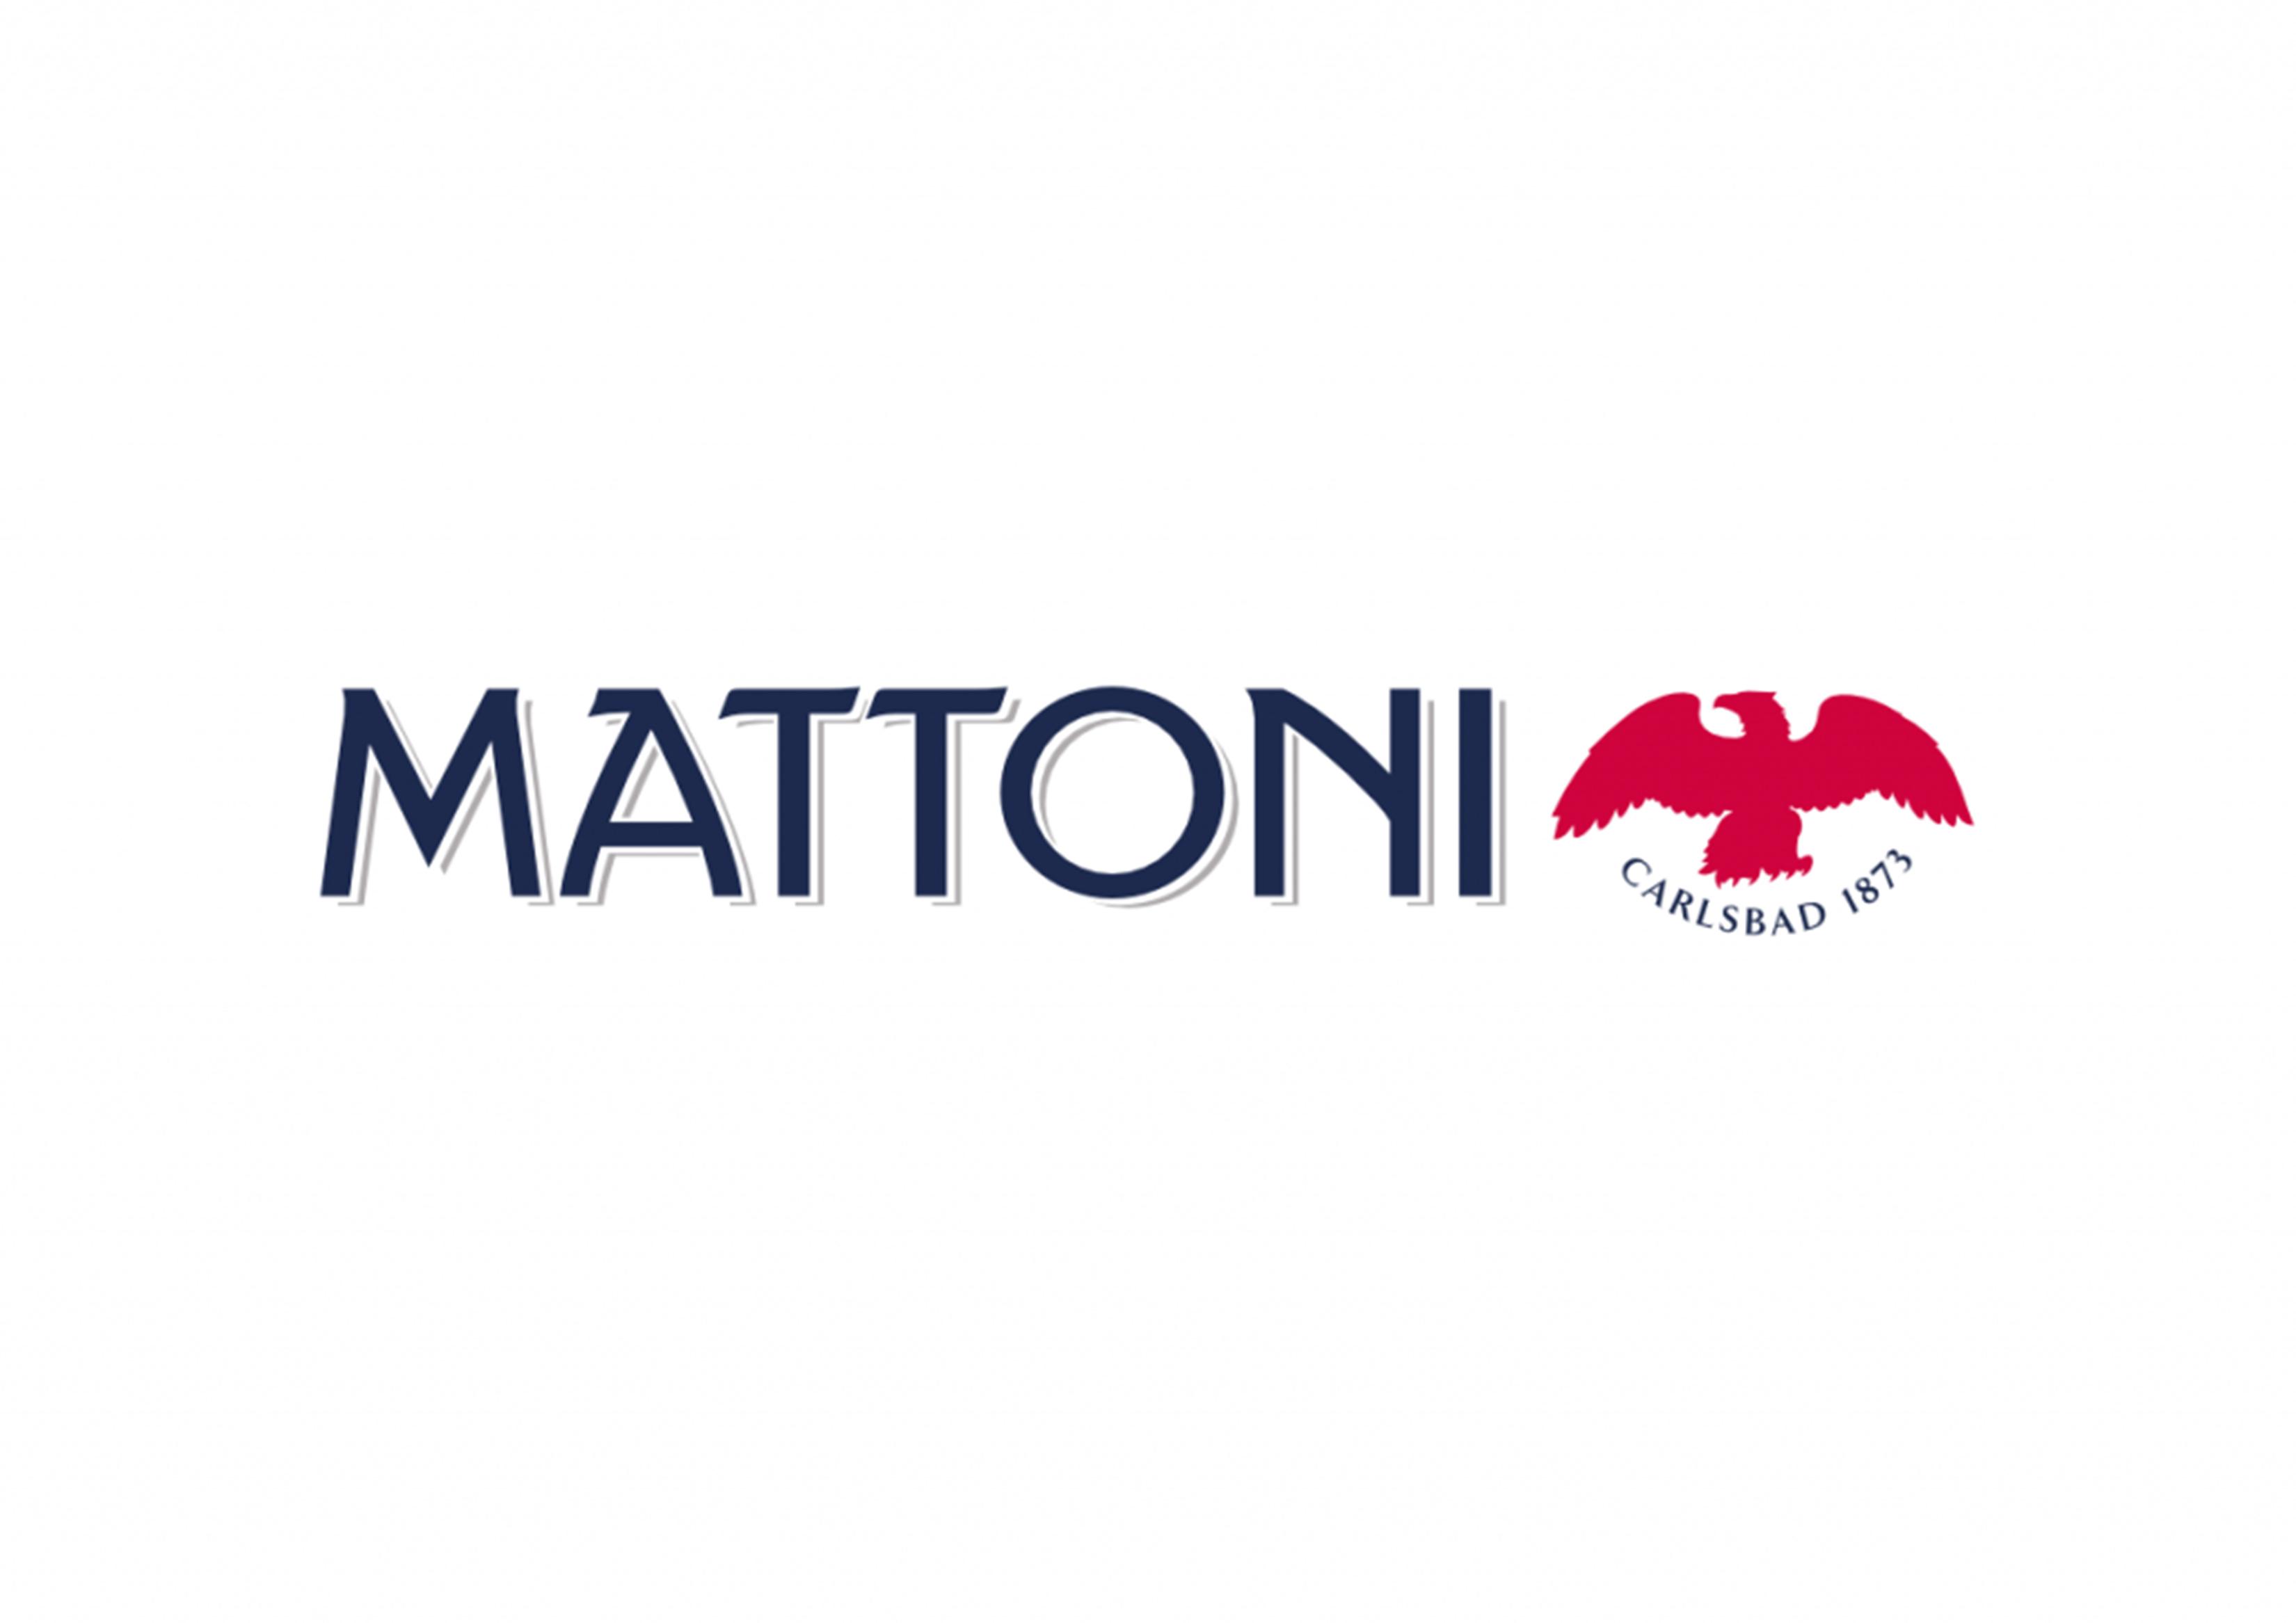 Mattoni Mineral Water